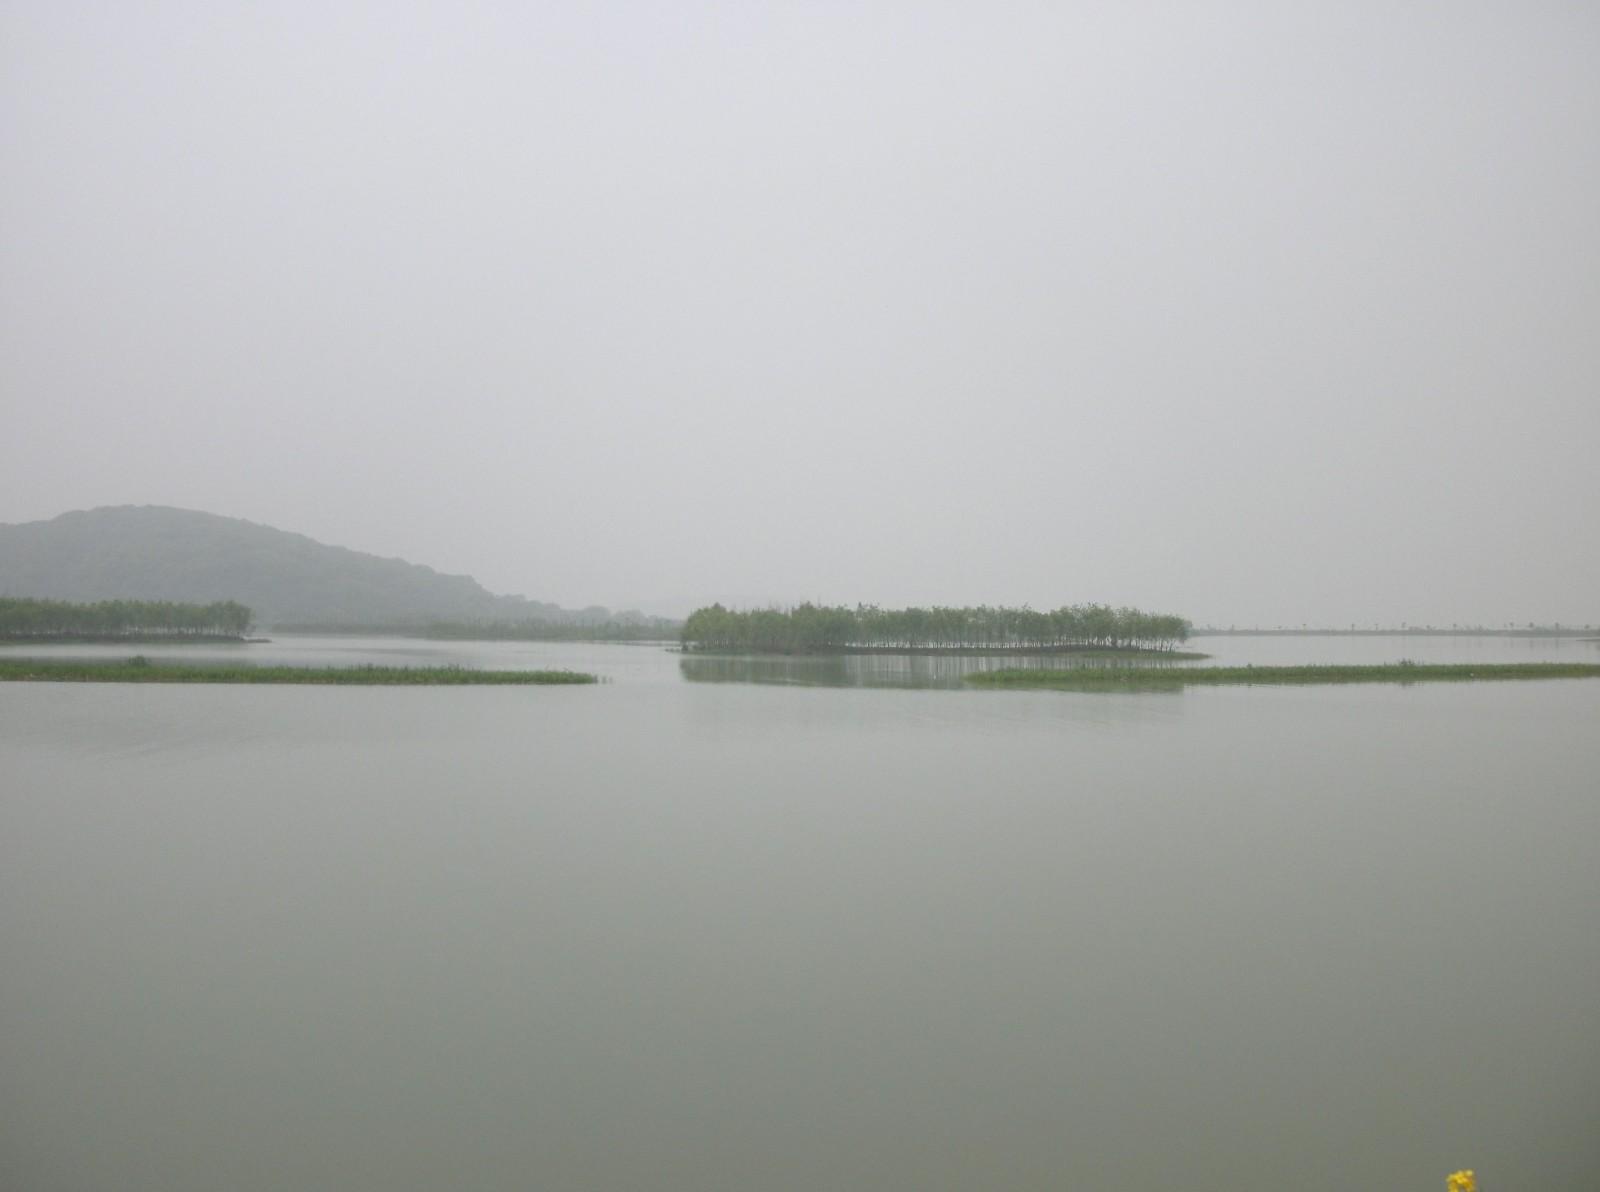 老猫游记之太湖小蓬莱——苏州东山三山岛